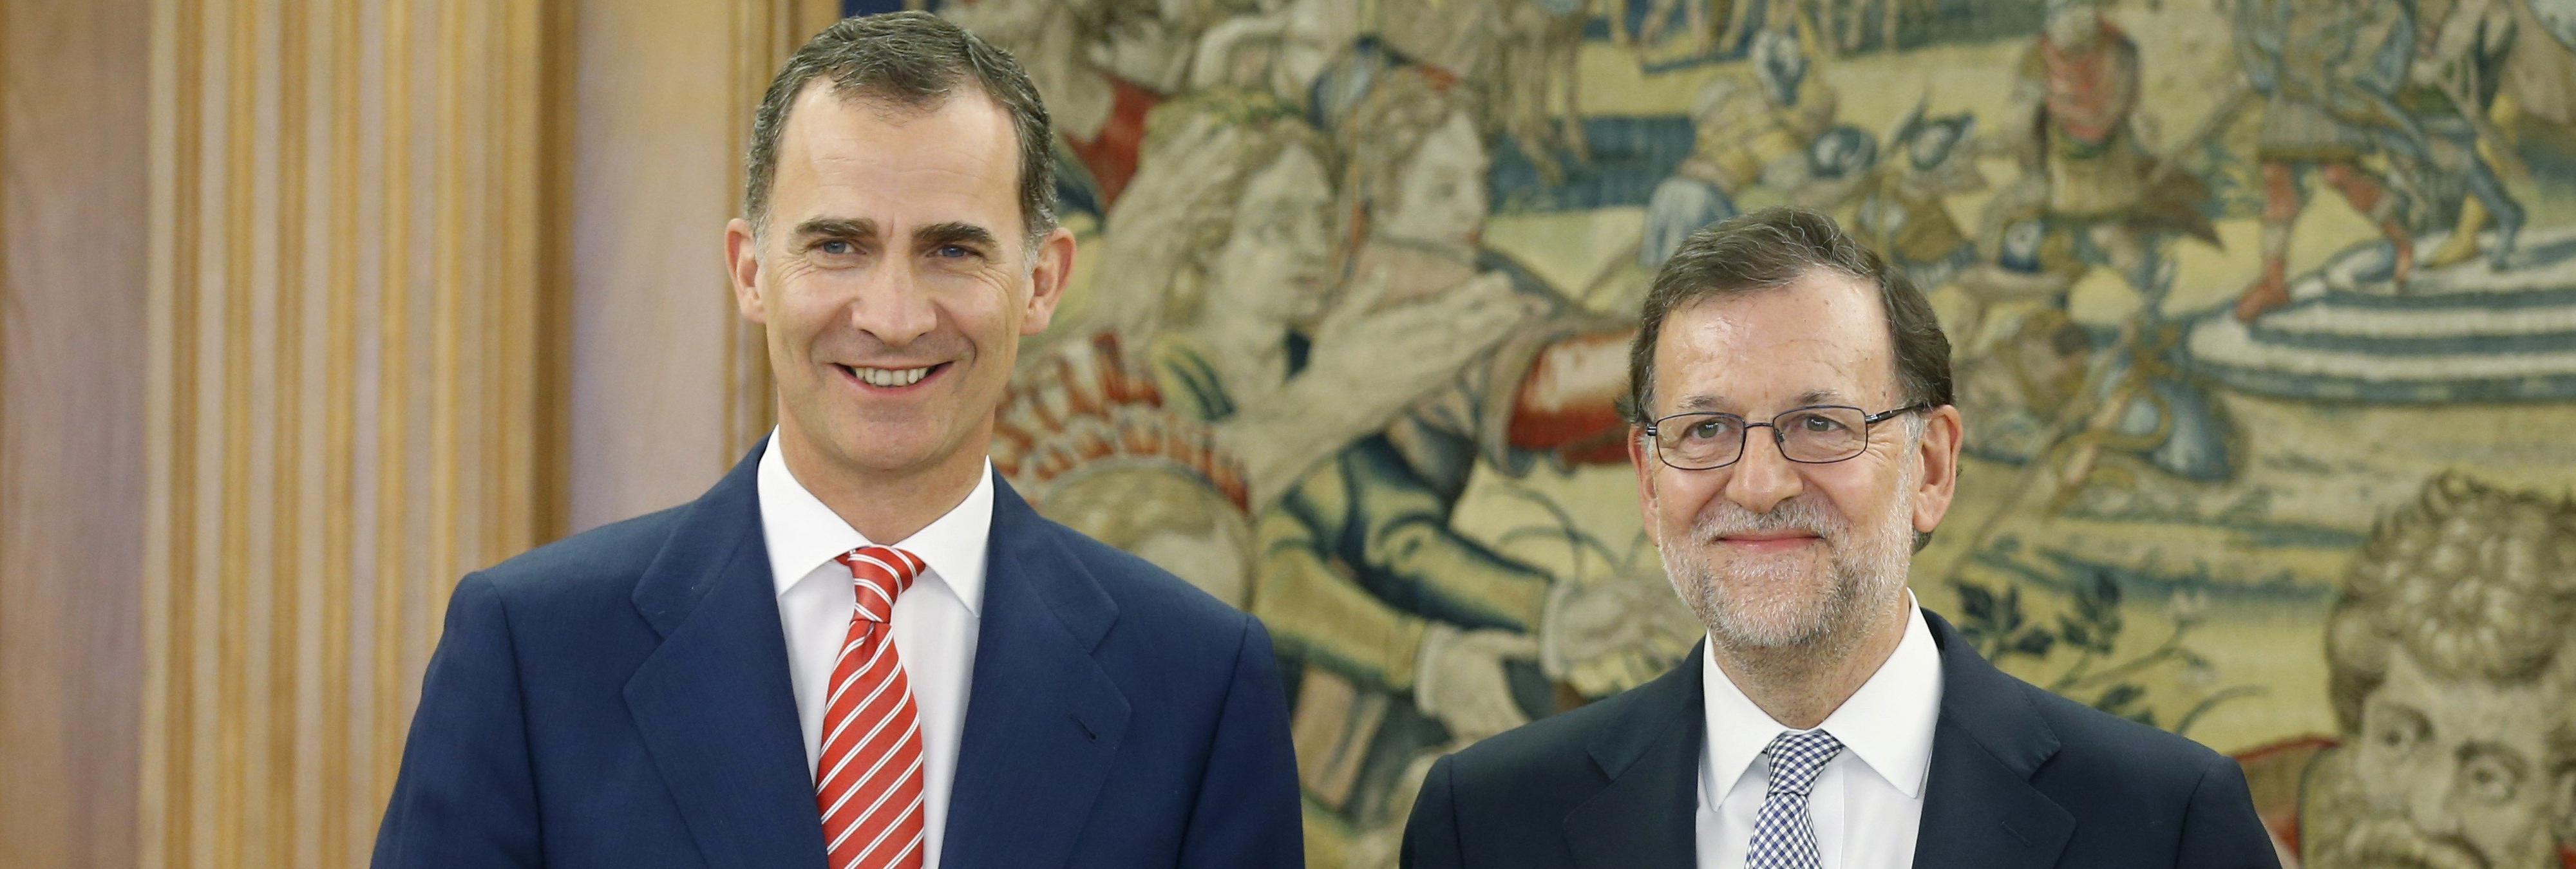 Rajoy es candidato a la investidura... sin comprometerse a presentarse